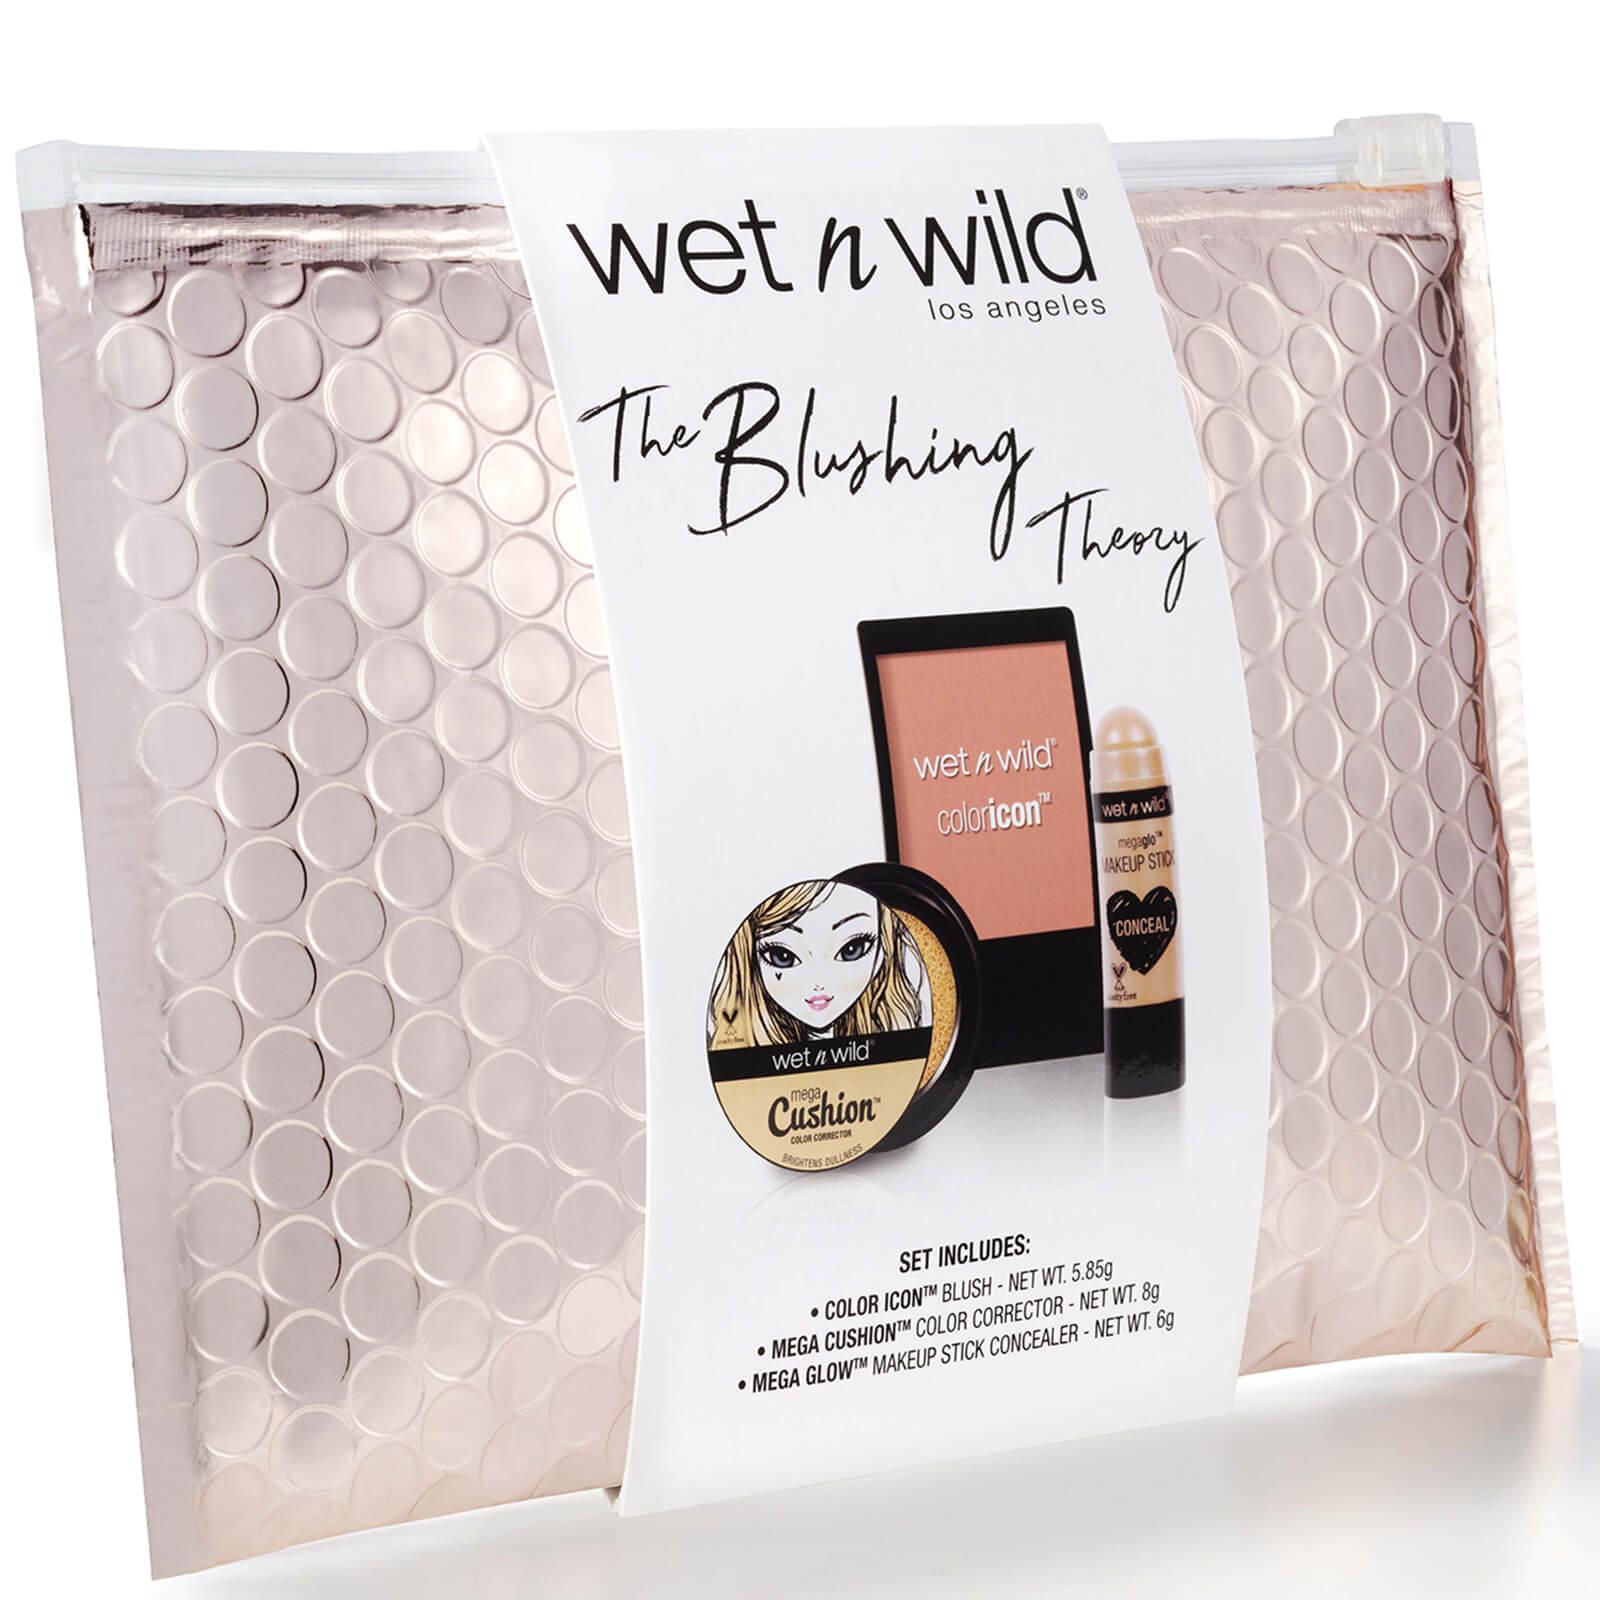 wet n wild The Blushing Theory Kit